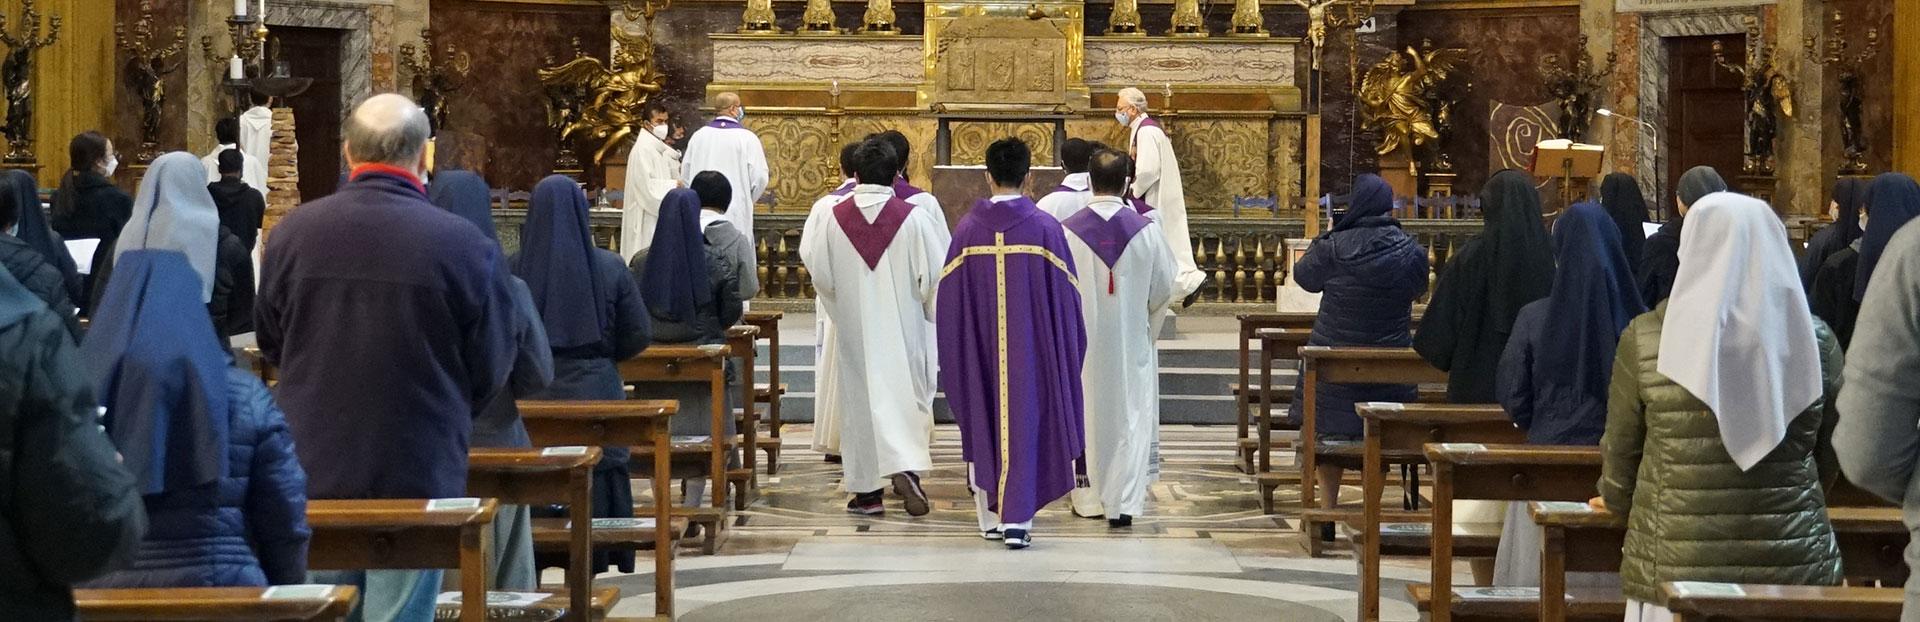 Roma y Myanmar unidos por la oración